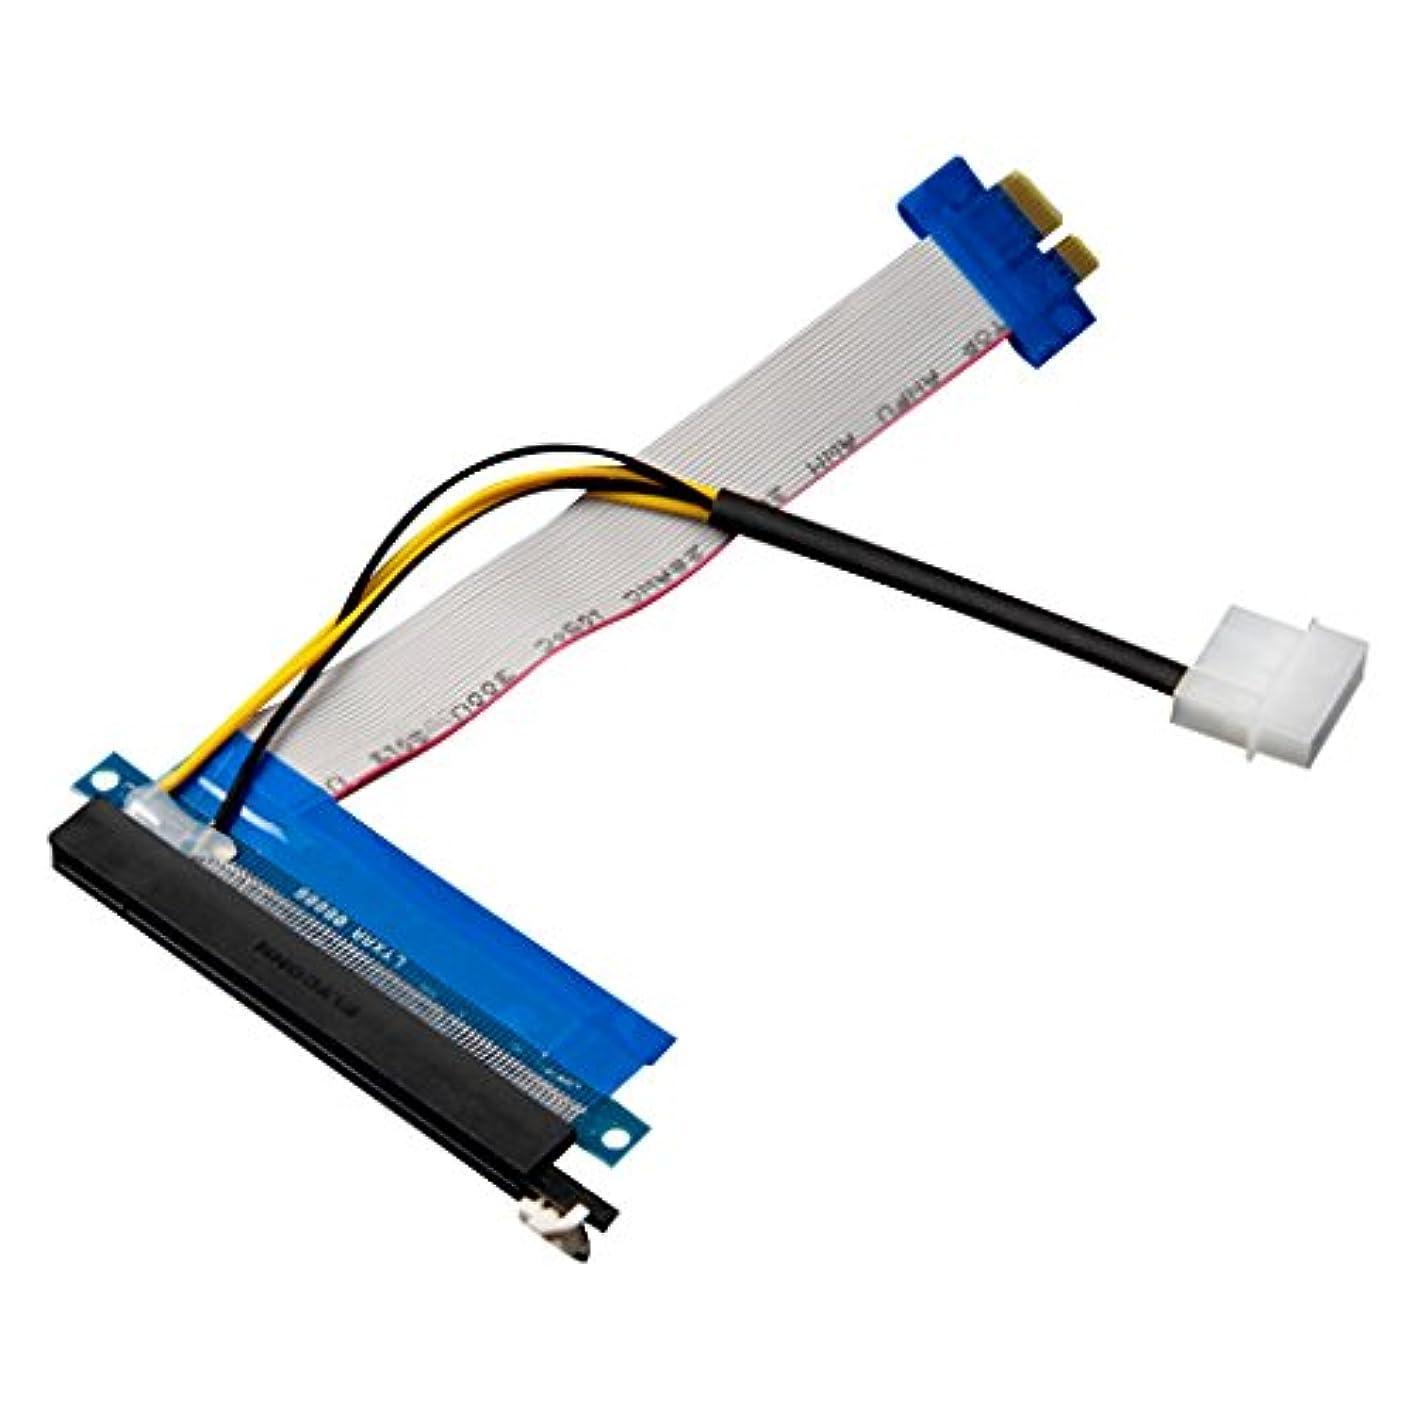 バンドル仲人父方の【ノーブランド 品】PCIE 延長ケーブル ライザカードのアダプタ電源